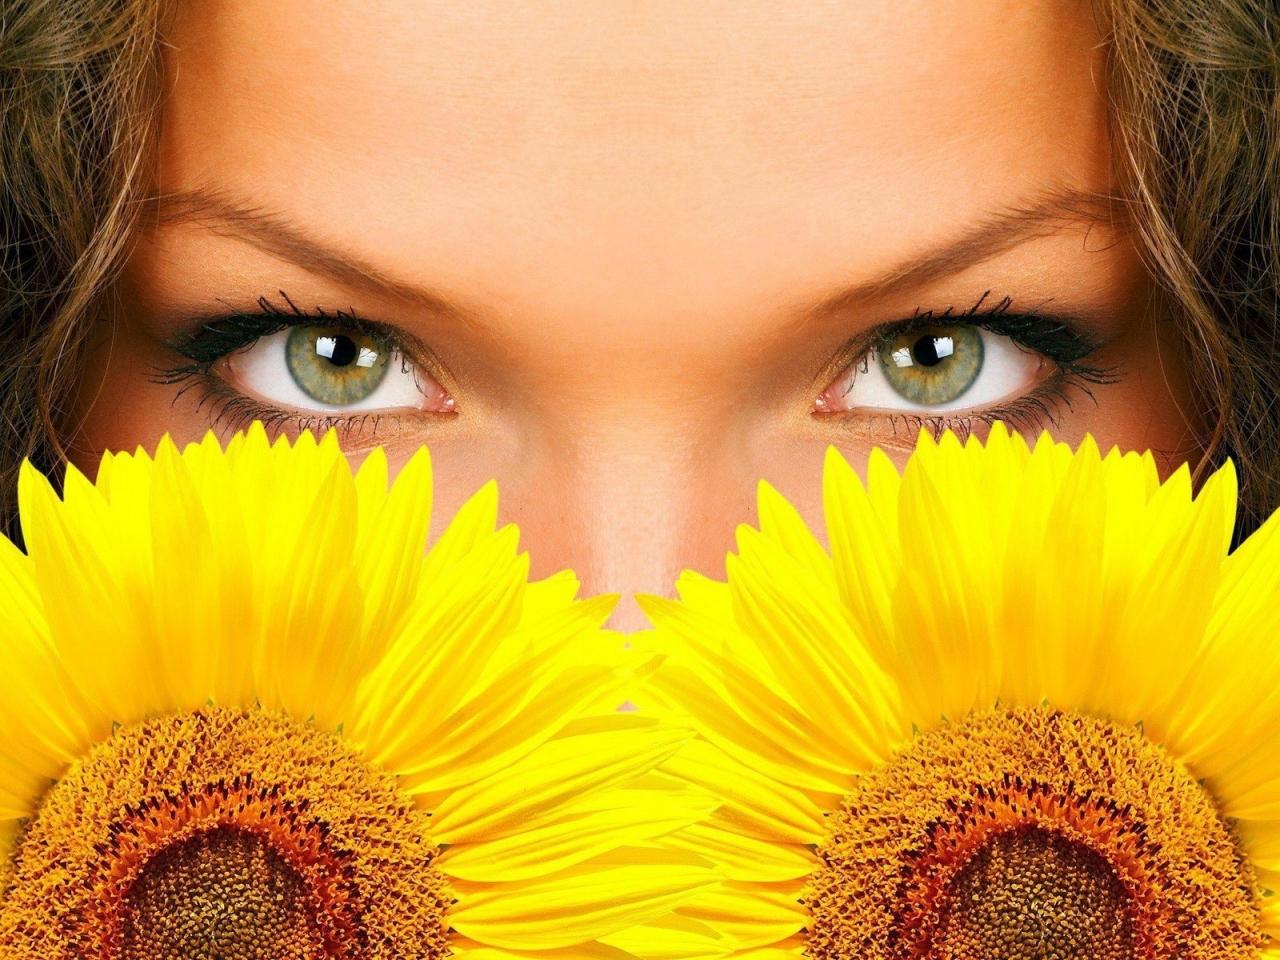 Hermosos ojos y girasoles - 1280x960